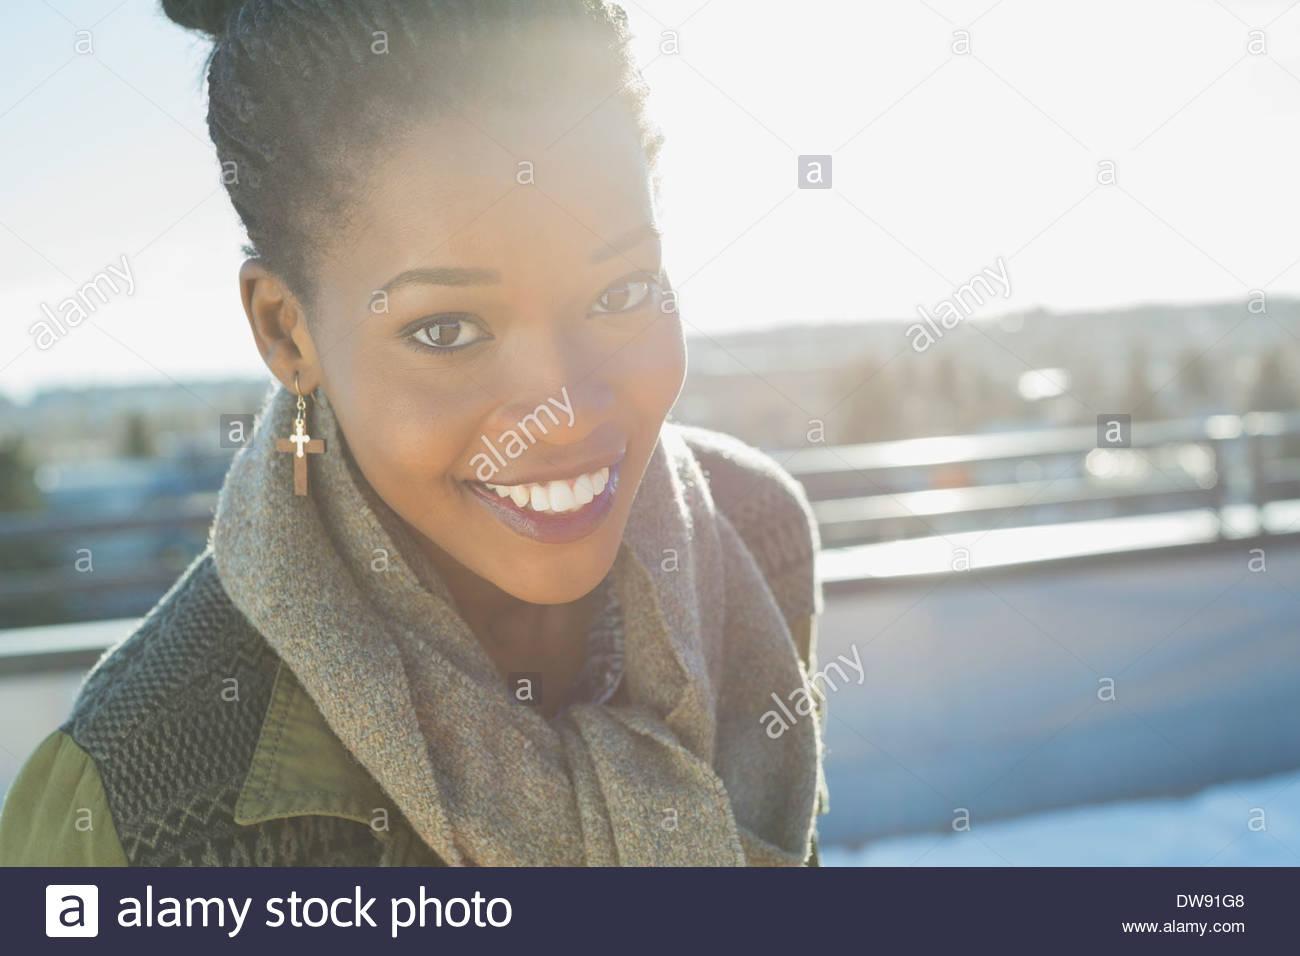 Retrato de mujer sonriente al aire libre Imagen De Stock